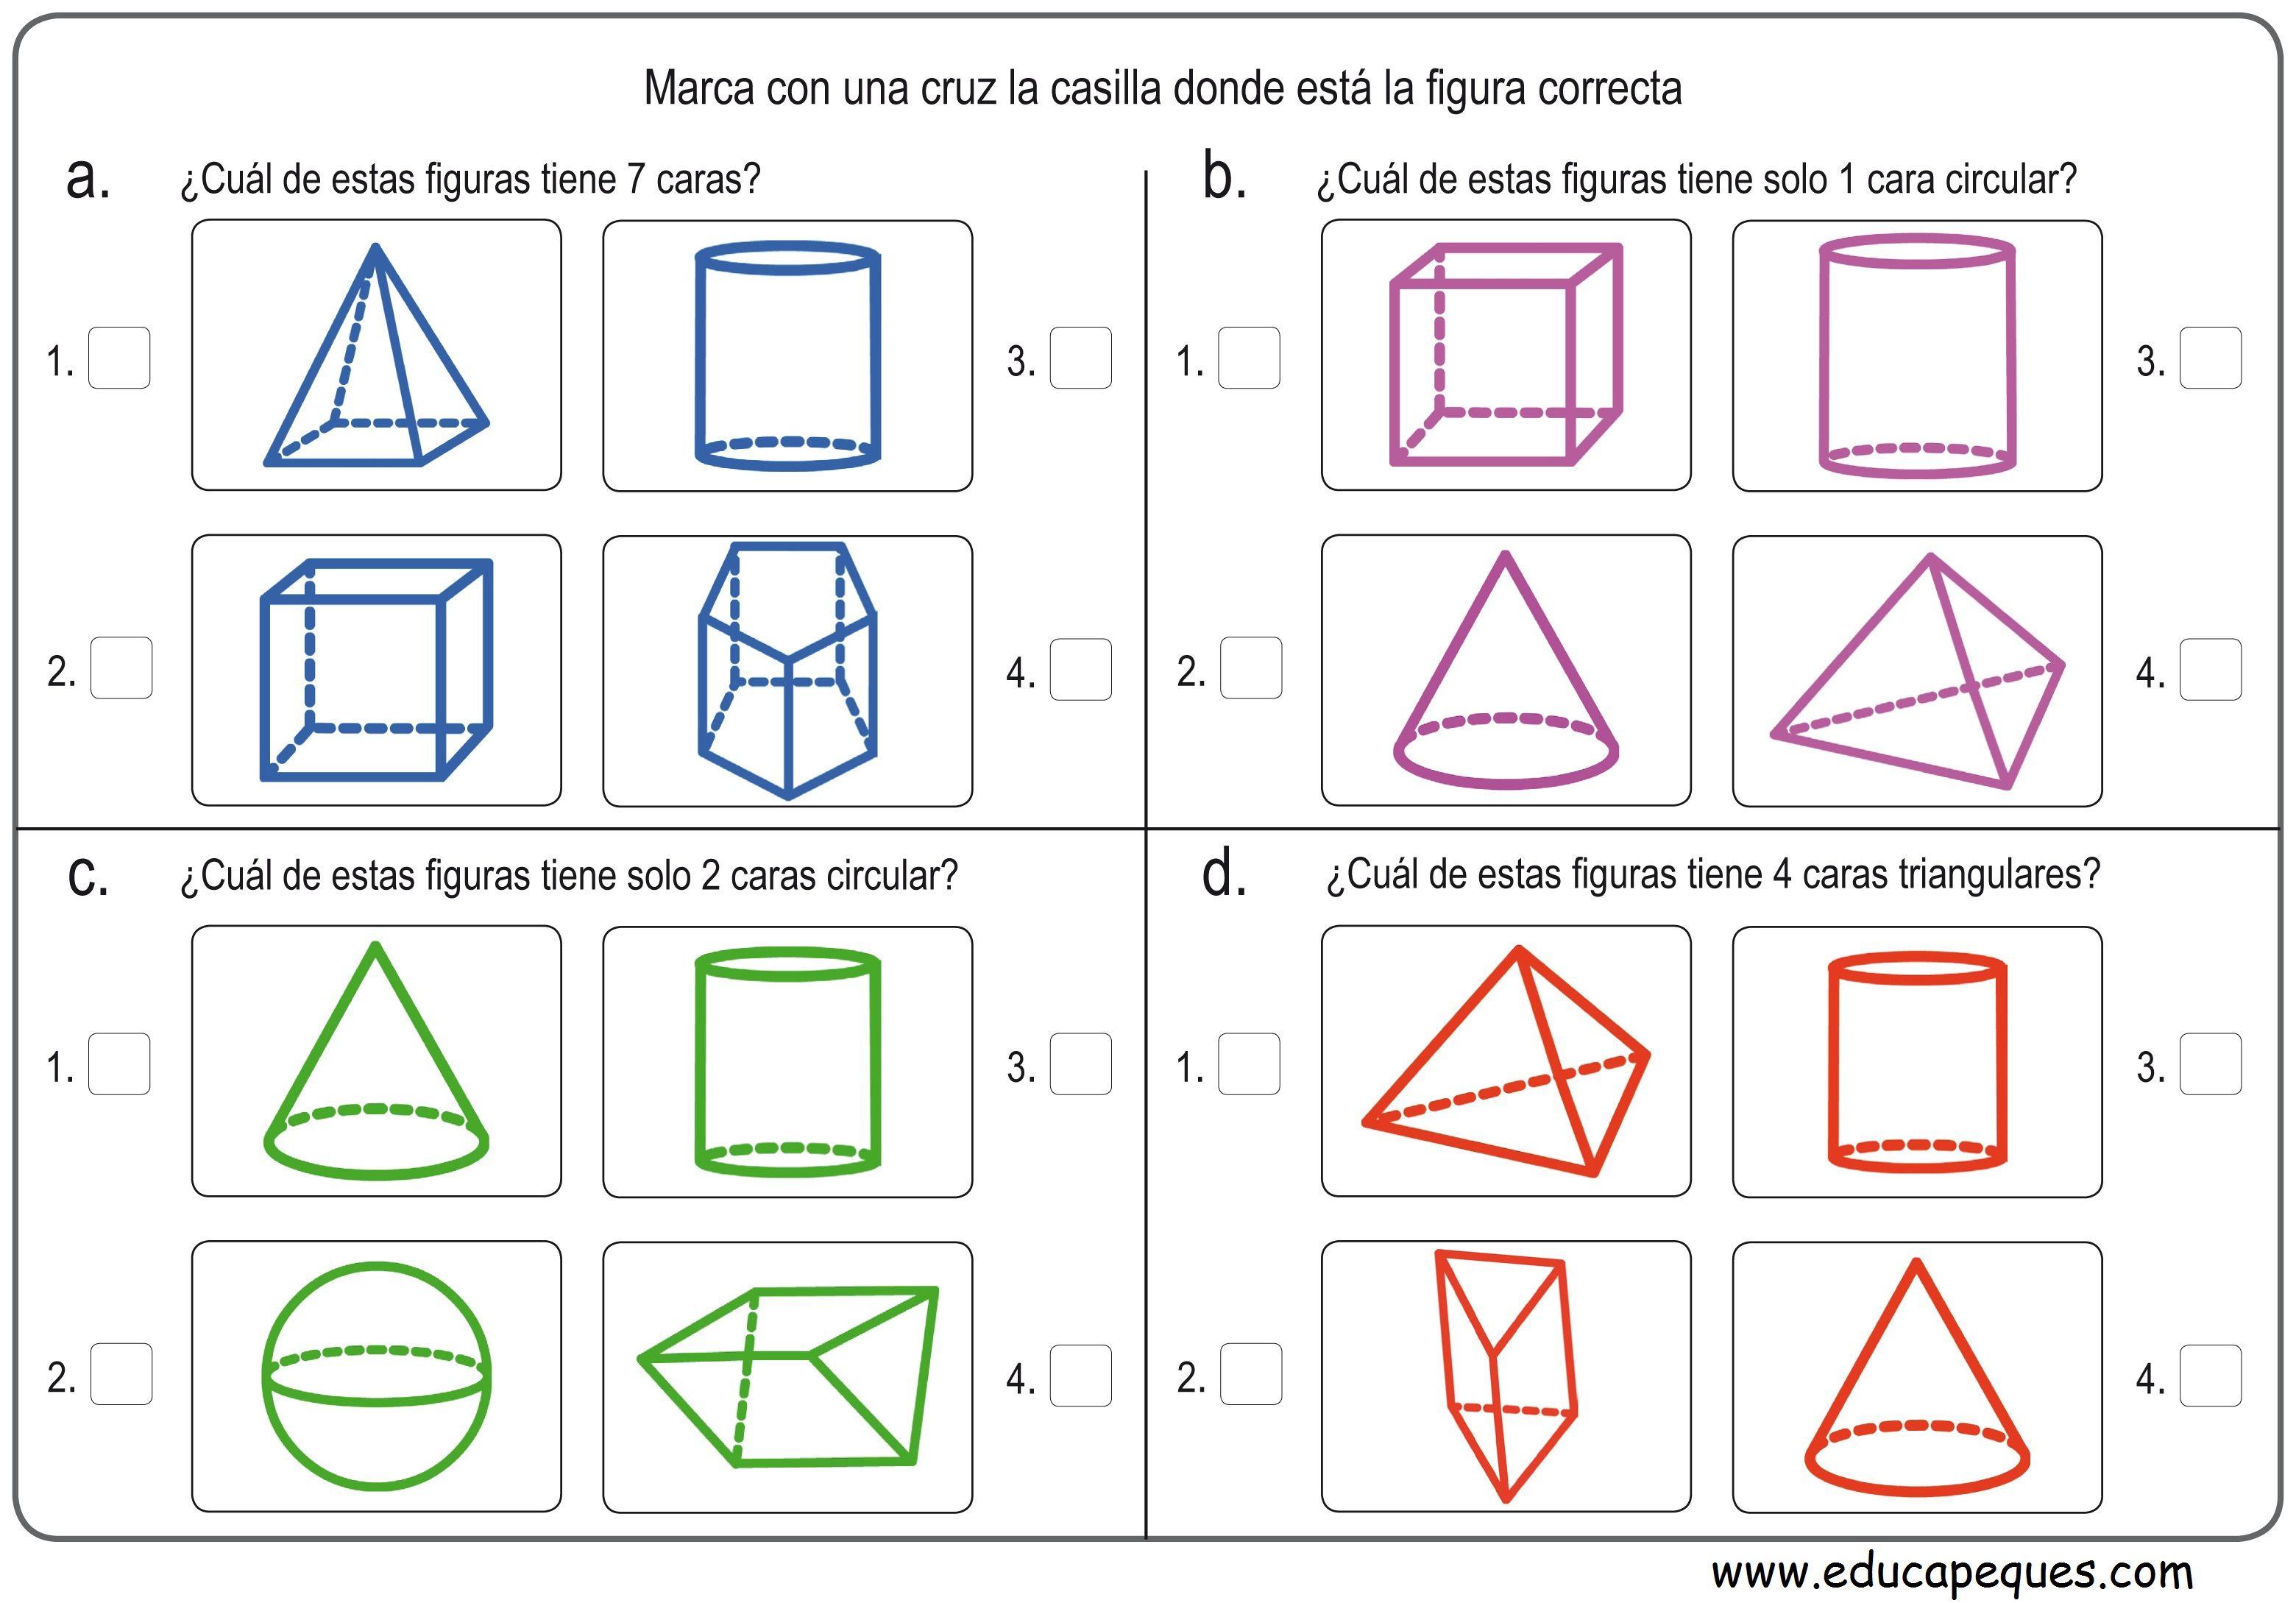 12 Fichas Con Ejercicios Figuras Geométricas Primaria Math